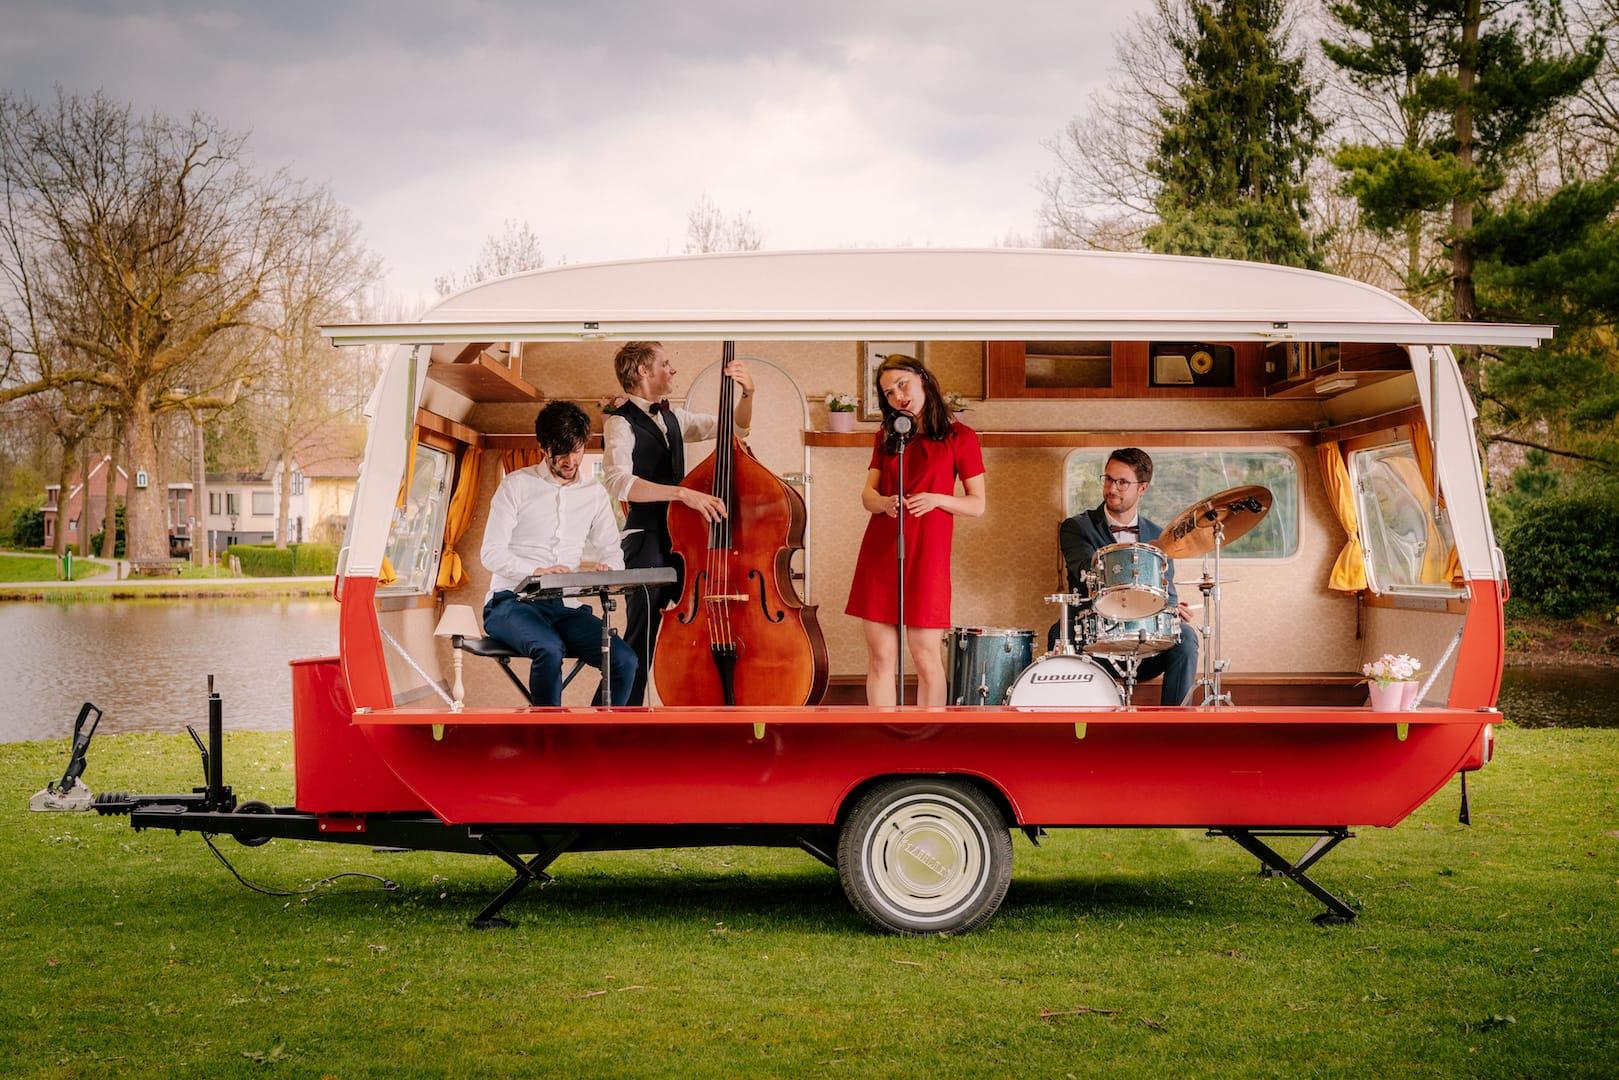 H t mobiele caravan podium uniek voor elk feest of for Mobiel te koop